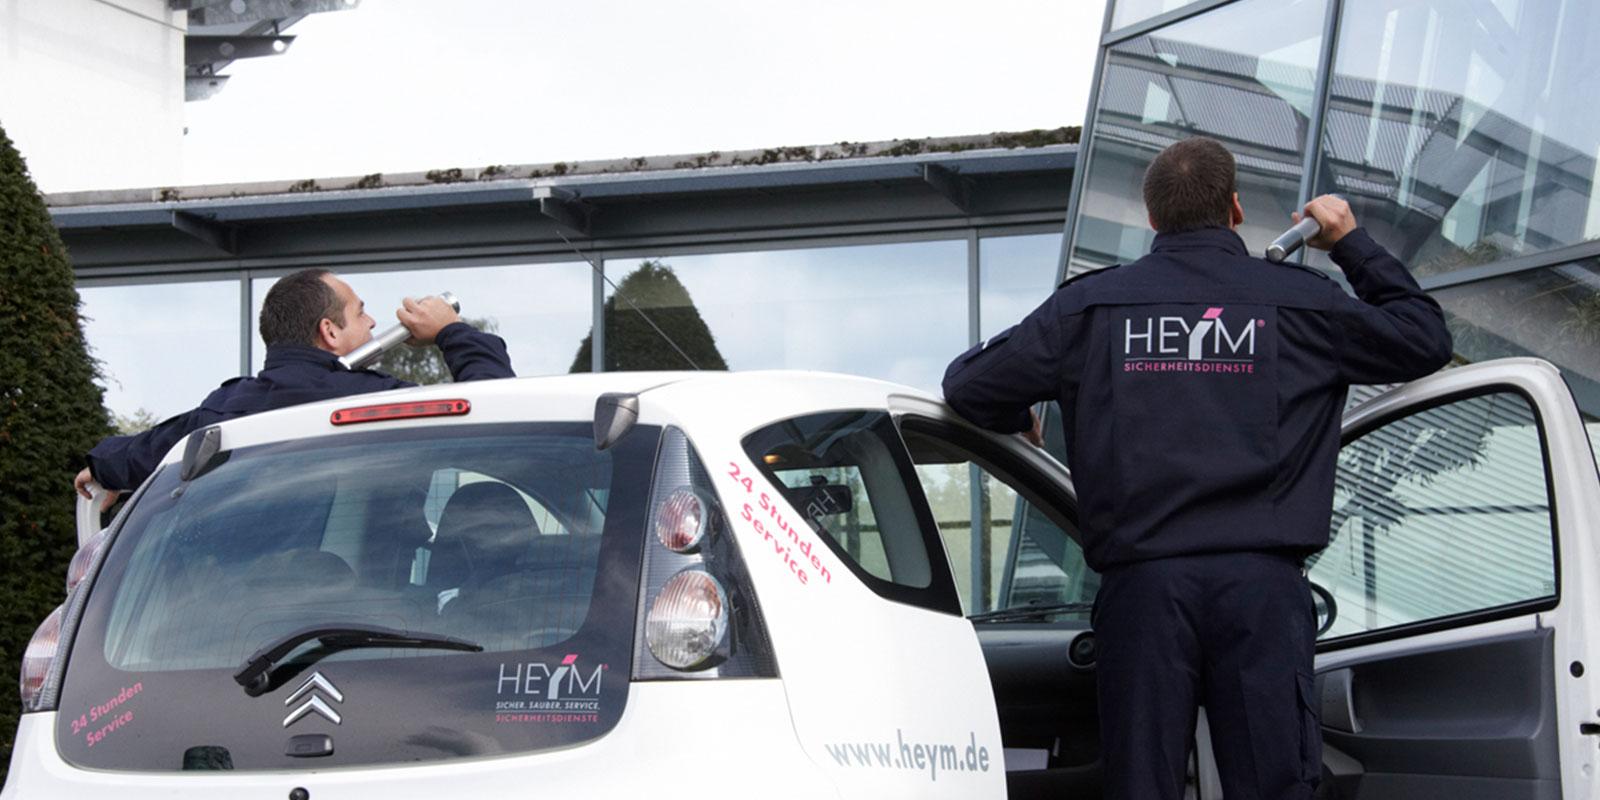 HEYM – Zertifizierte Sicherheit und Service aus einer Hand